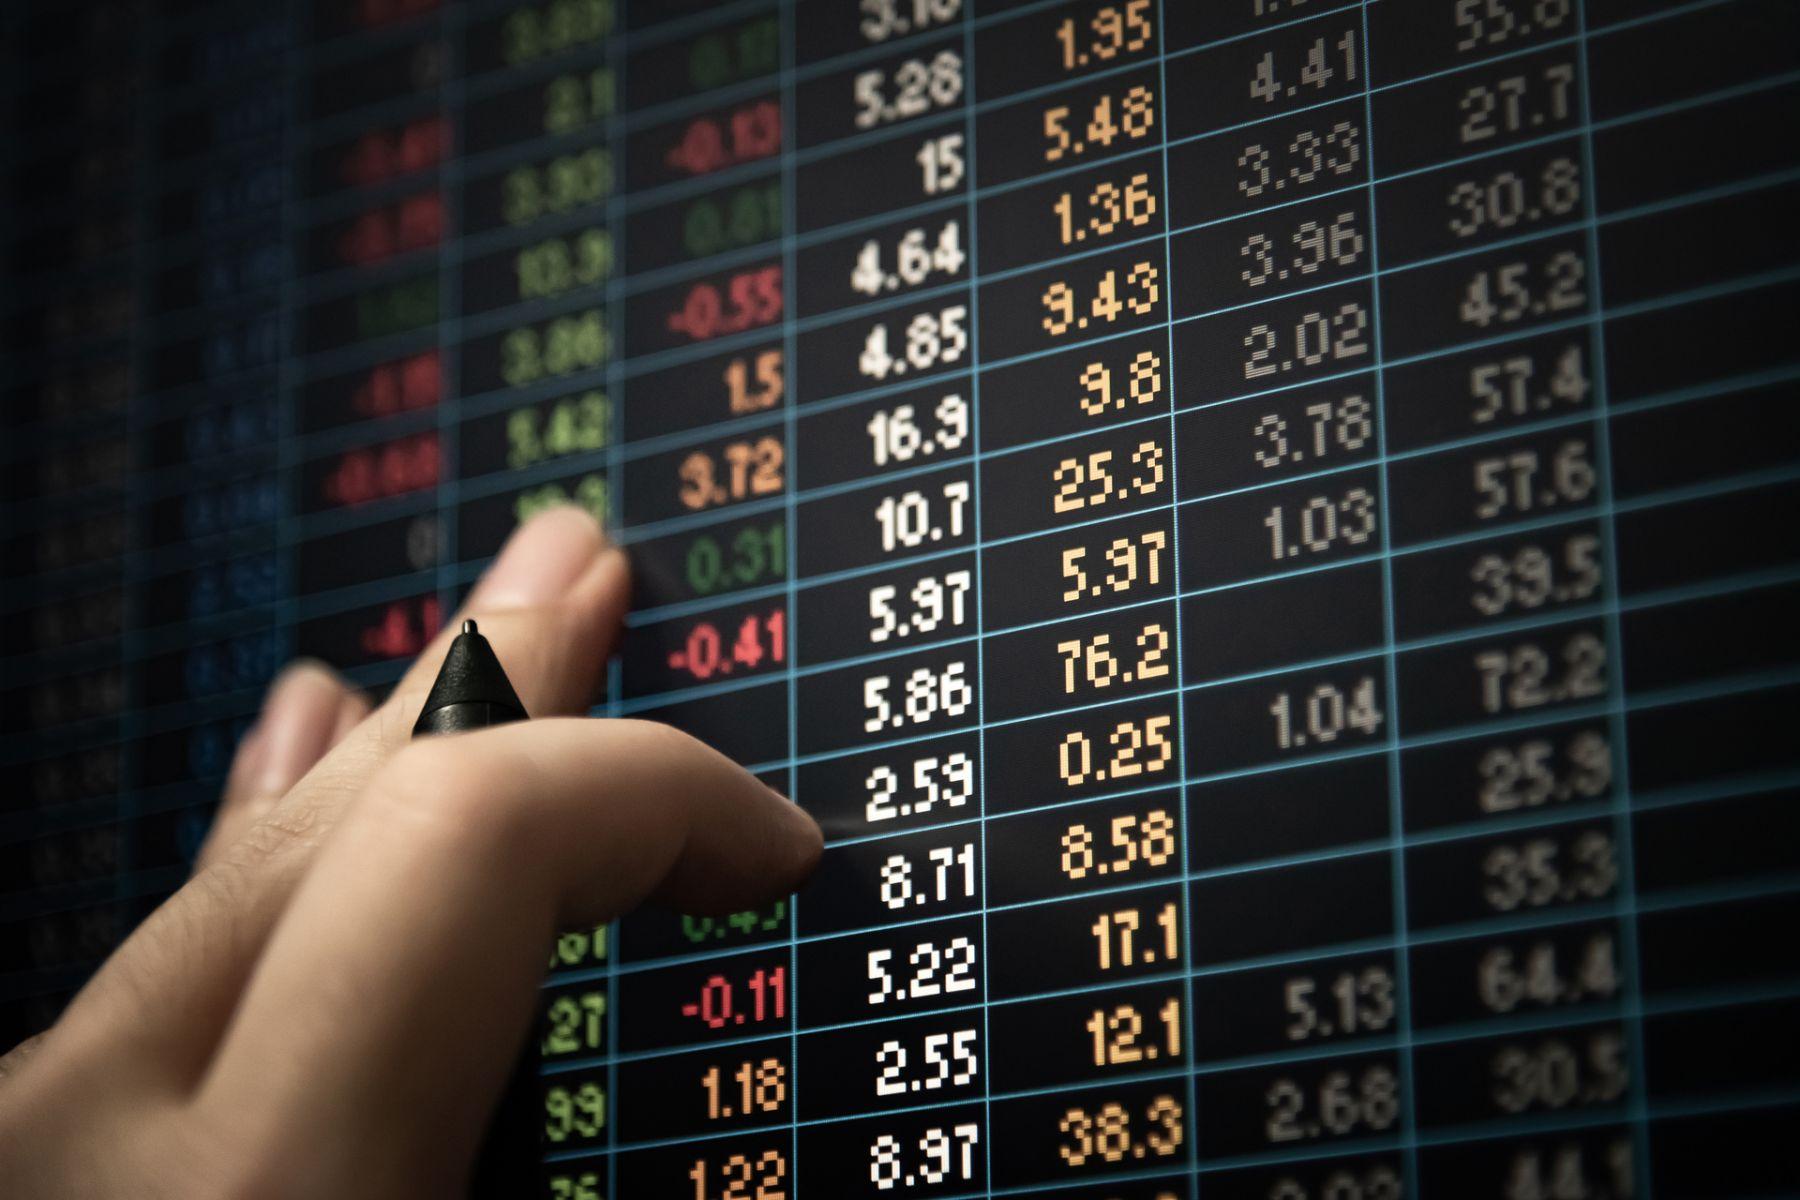 為什麼40歲前,不該追求穩定配息和高殖利率的投資?